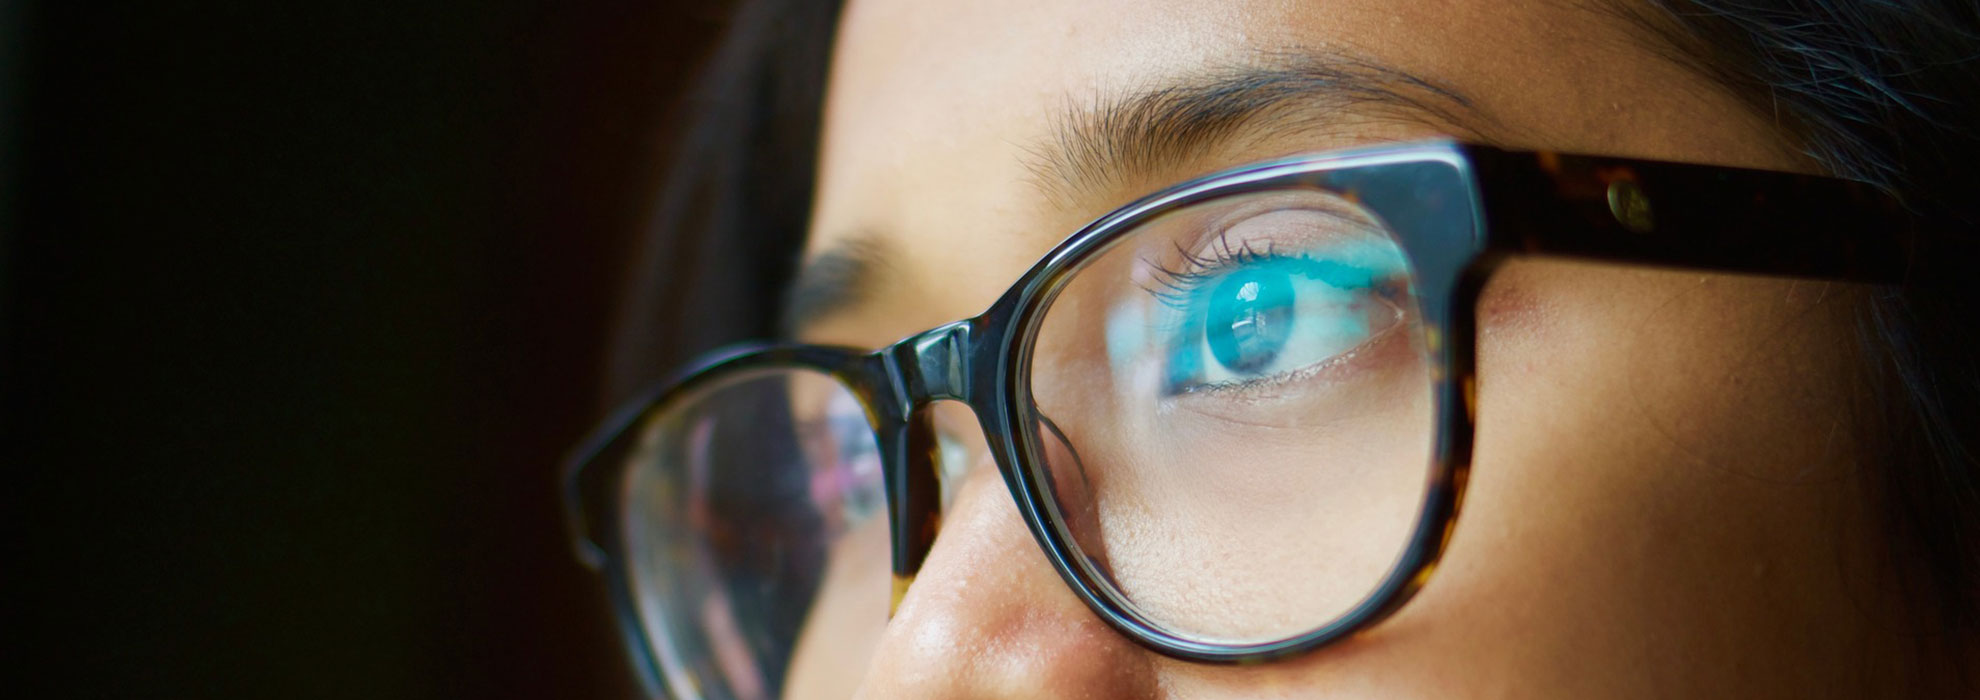 startseite--glasses-1208262_1920